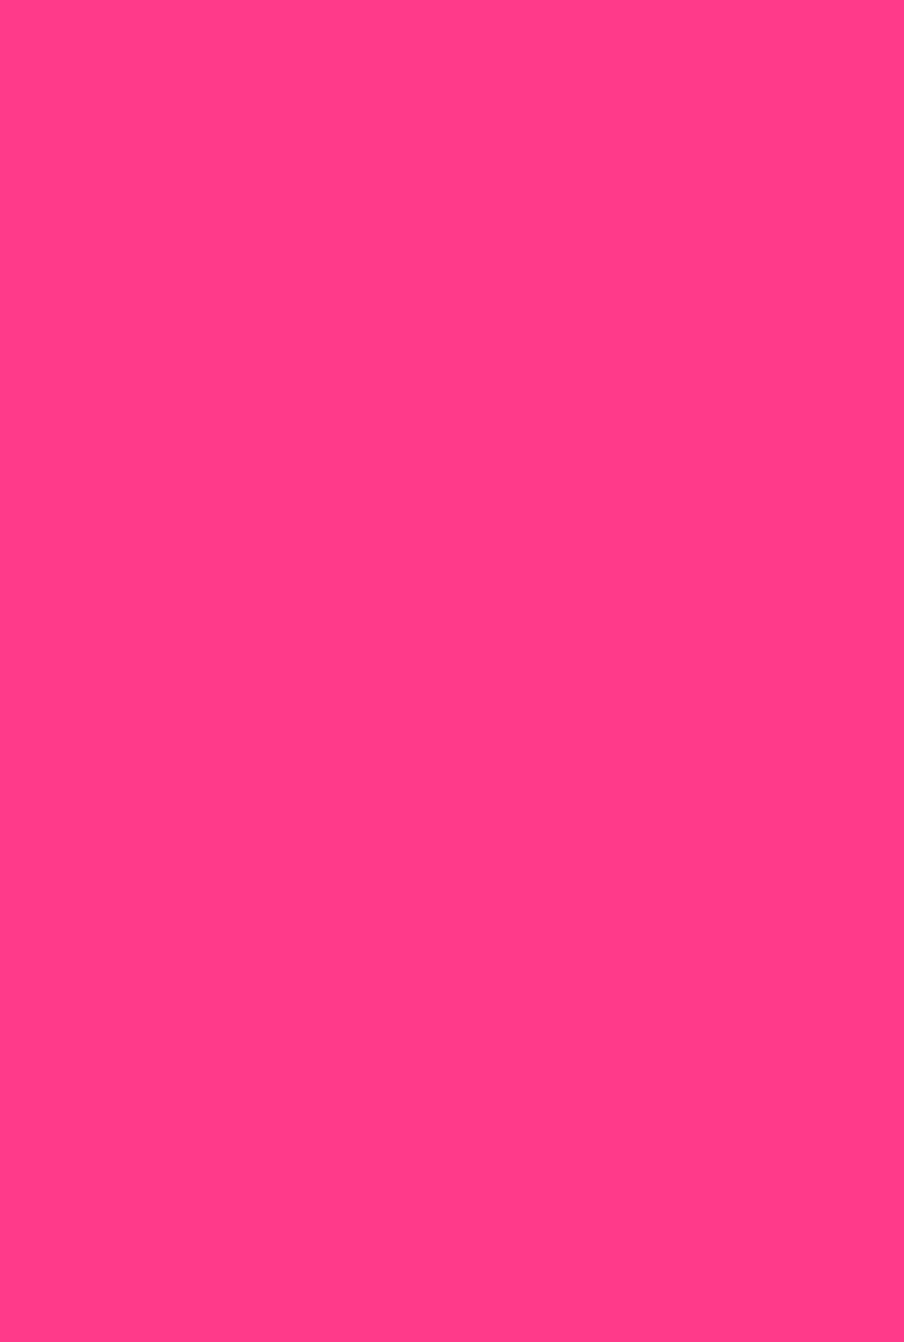 pink-gradient